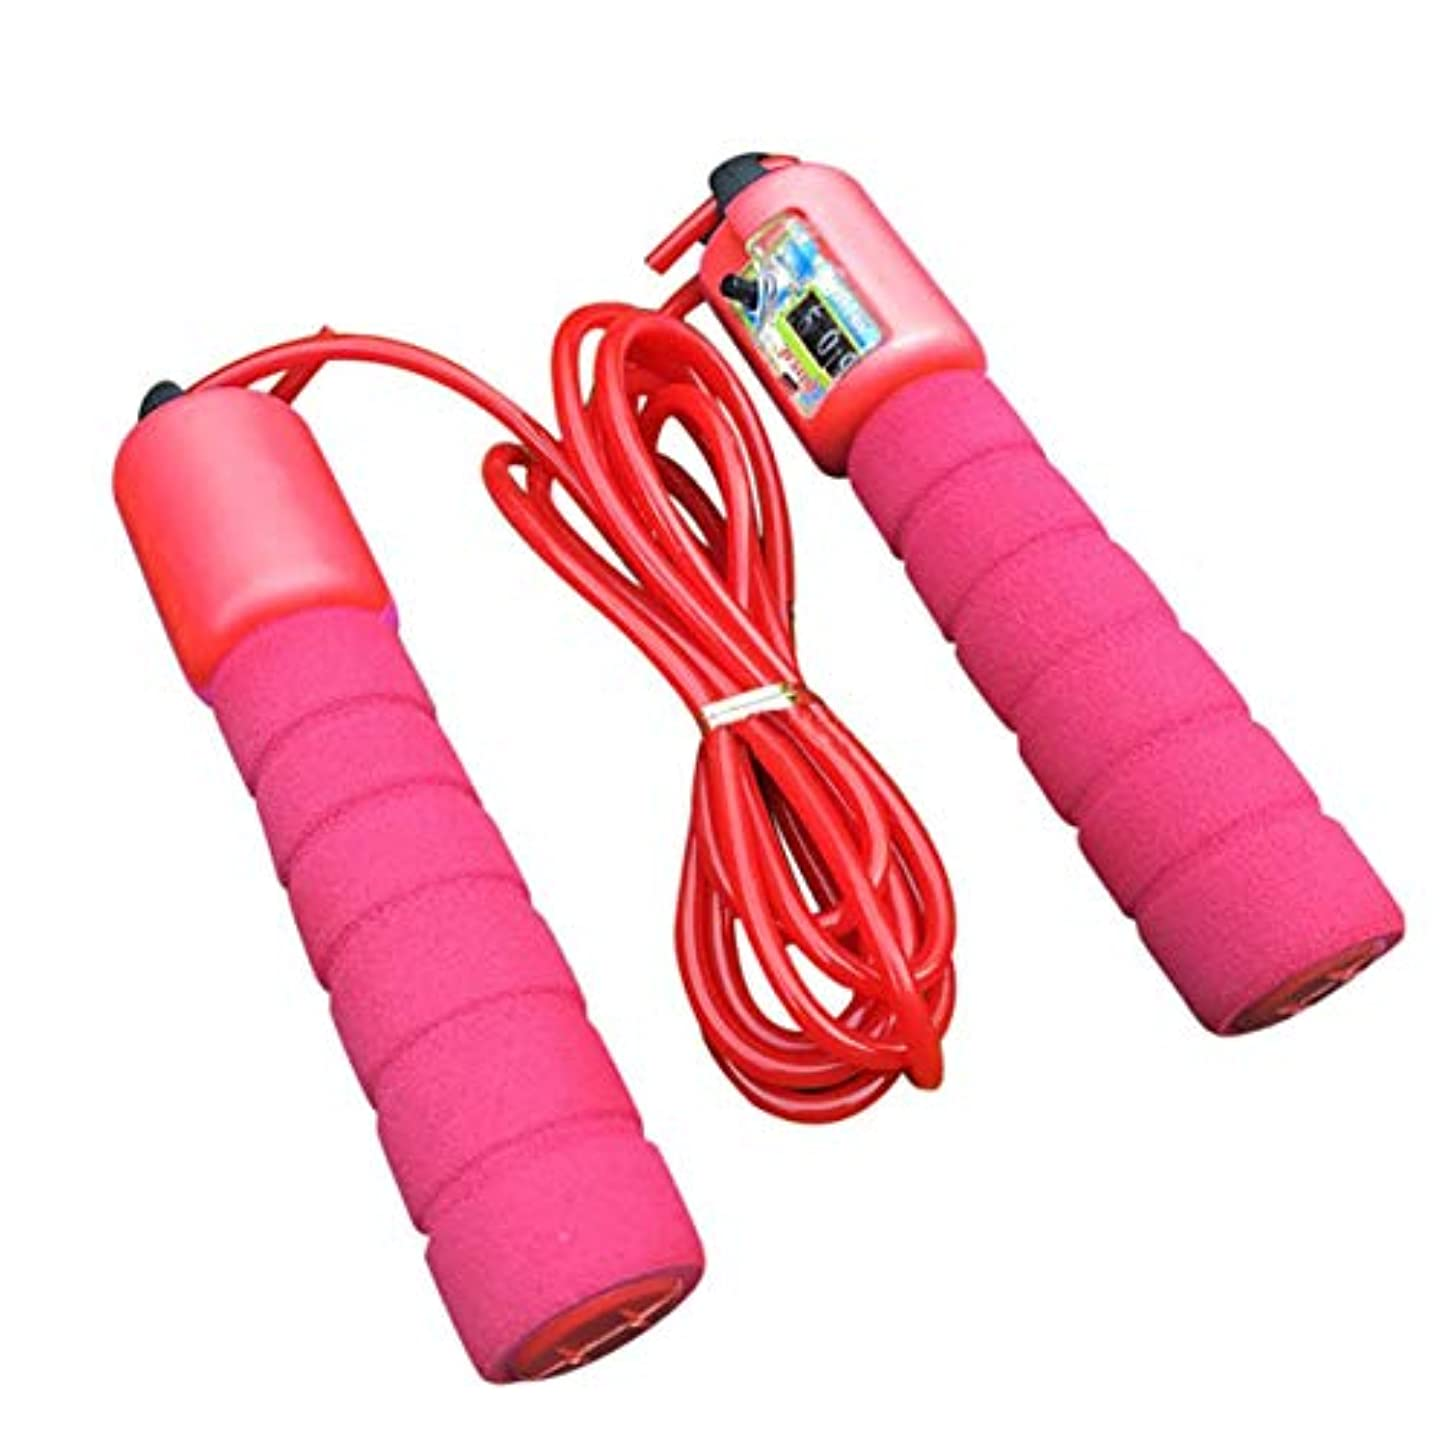 レインコートエミュレートするヒール調整可能なプロフェッショナルカウントスキップロープ自動カウントジャンプロープフィットネス運動高速カウントカウントジャンプロープ-赤